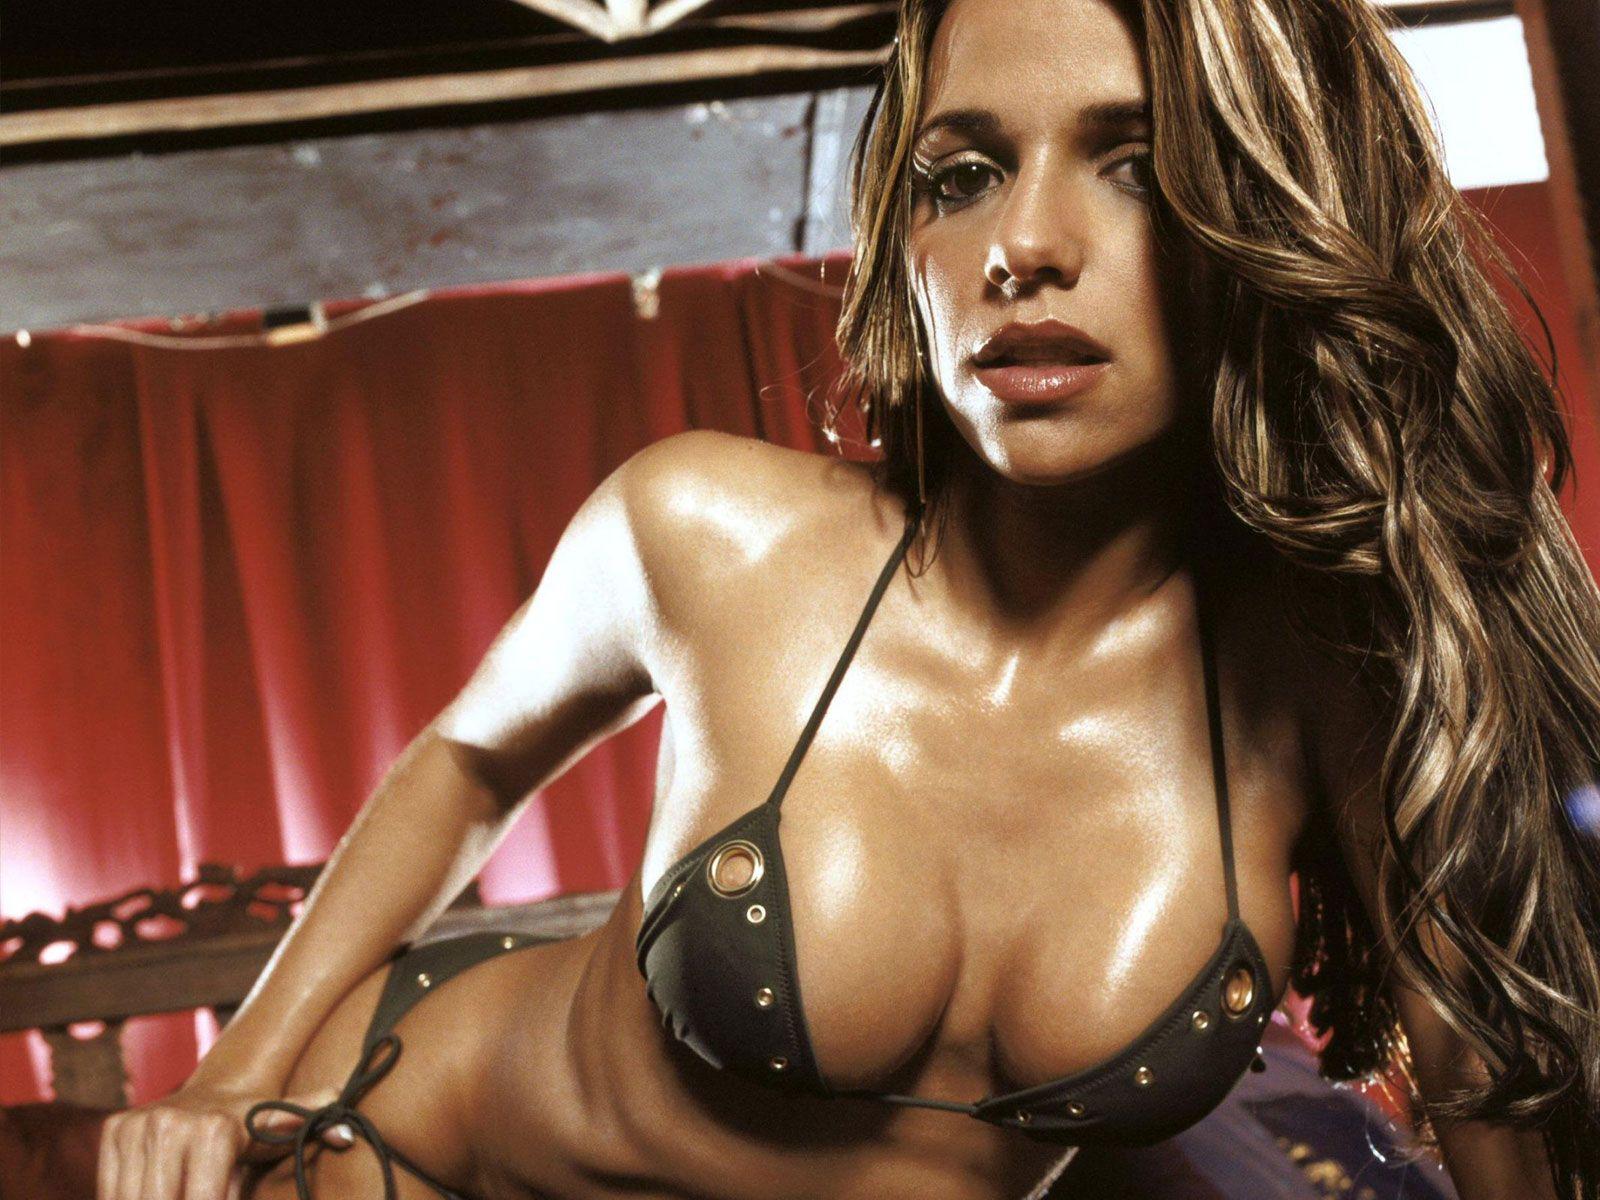 Wallpaper Sexe & Charme Vida Guerra Hot sexy